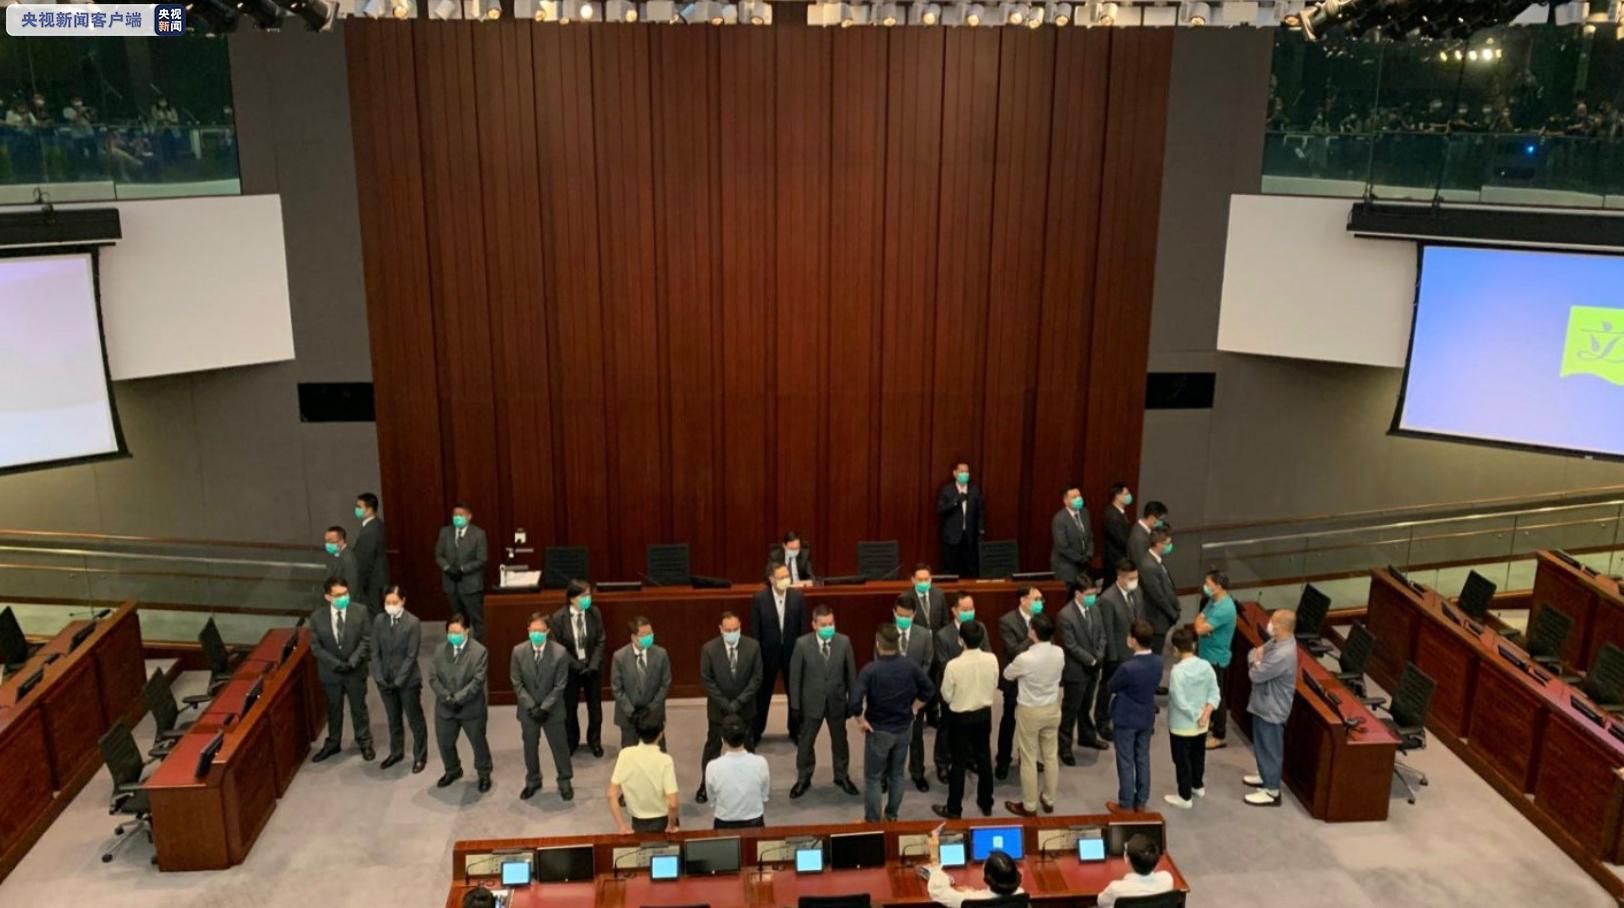 李慧琼当选香港立法会内务委员会主席图片